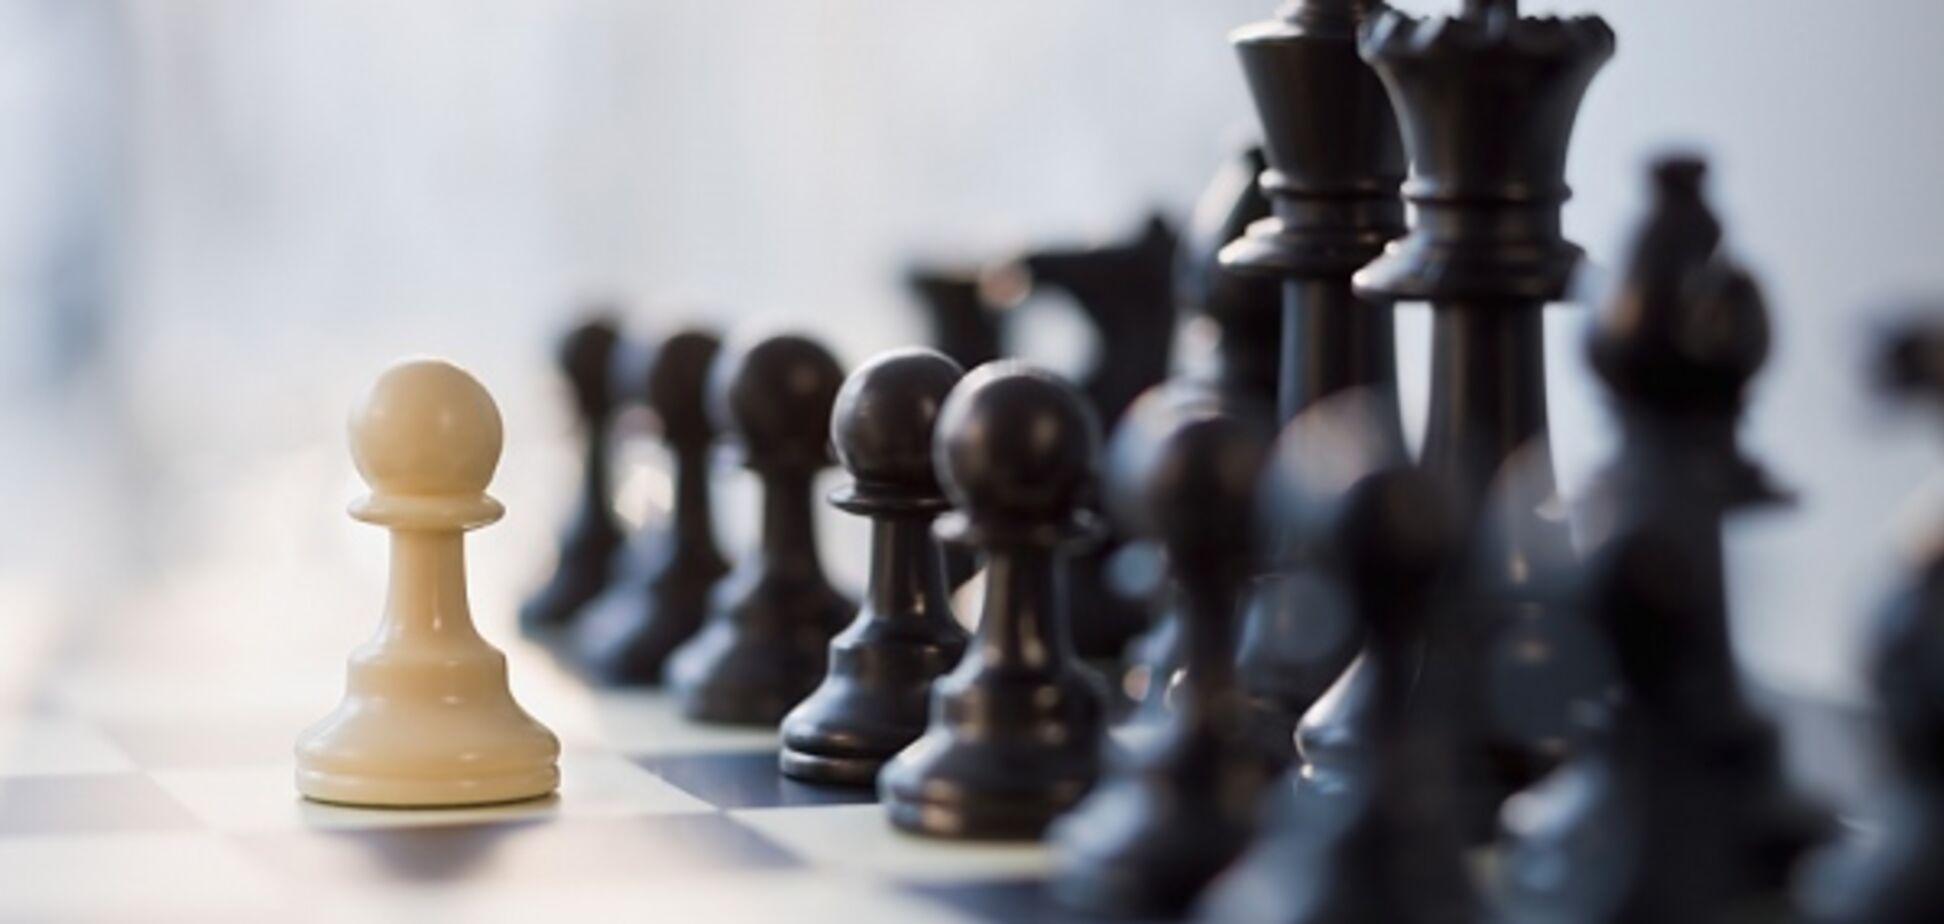 Чемпионат Запорожской области по шахматам определил сильнейших шахматистов области в классических шахматах (ФОТО)